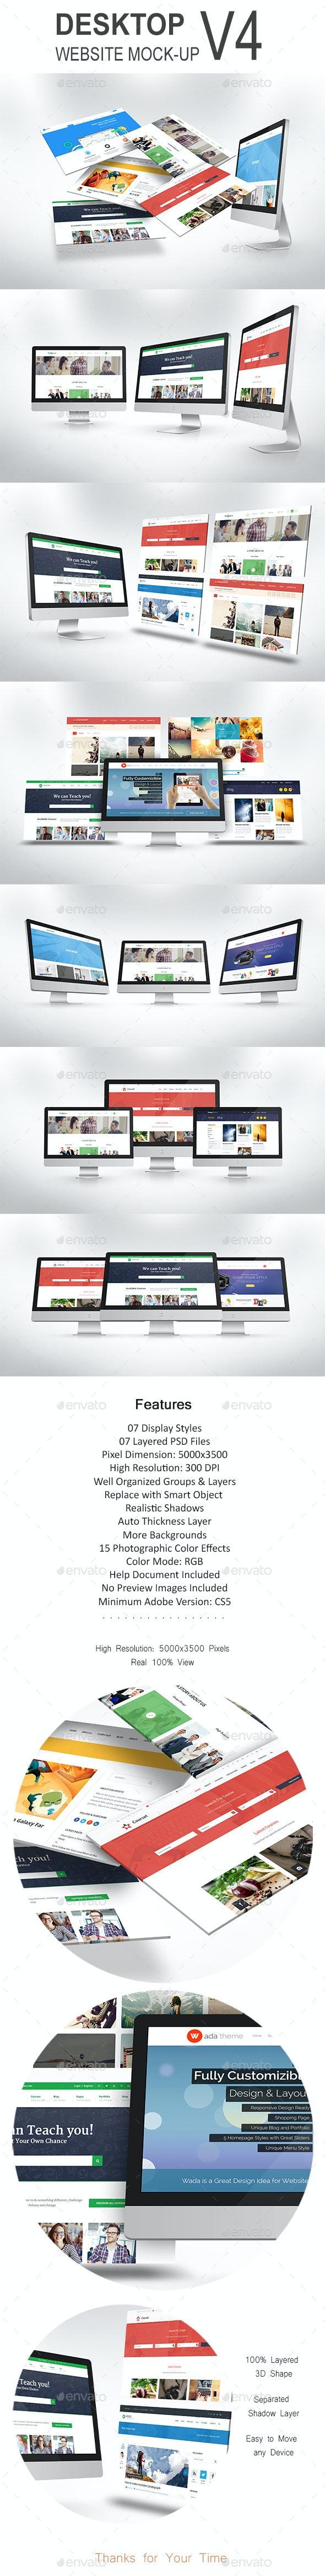 Desktop Website Mock-Up V4 - Website Displays